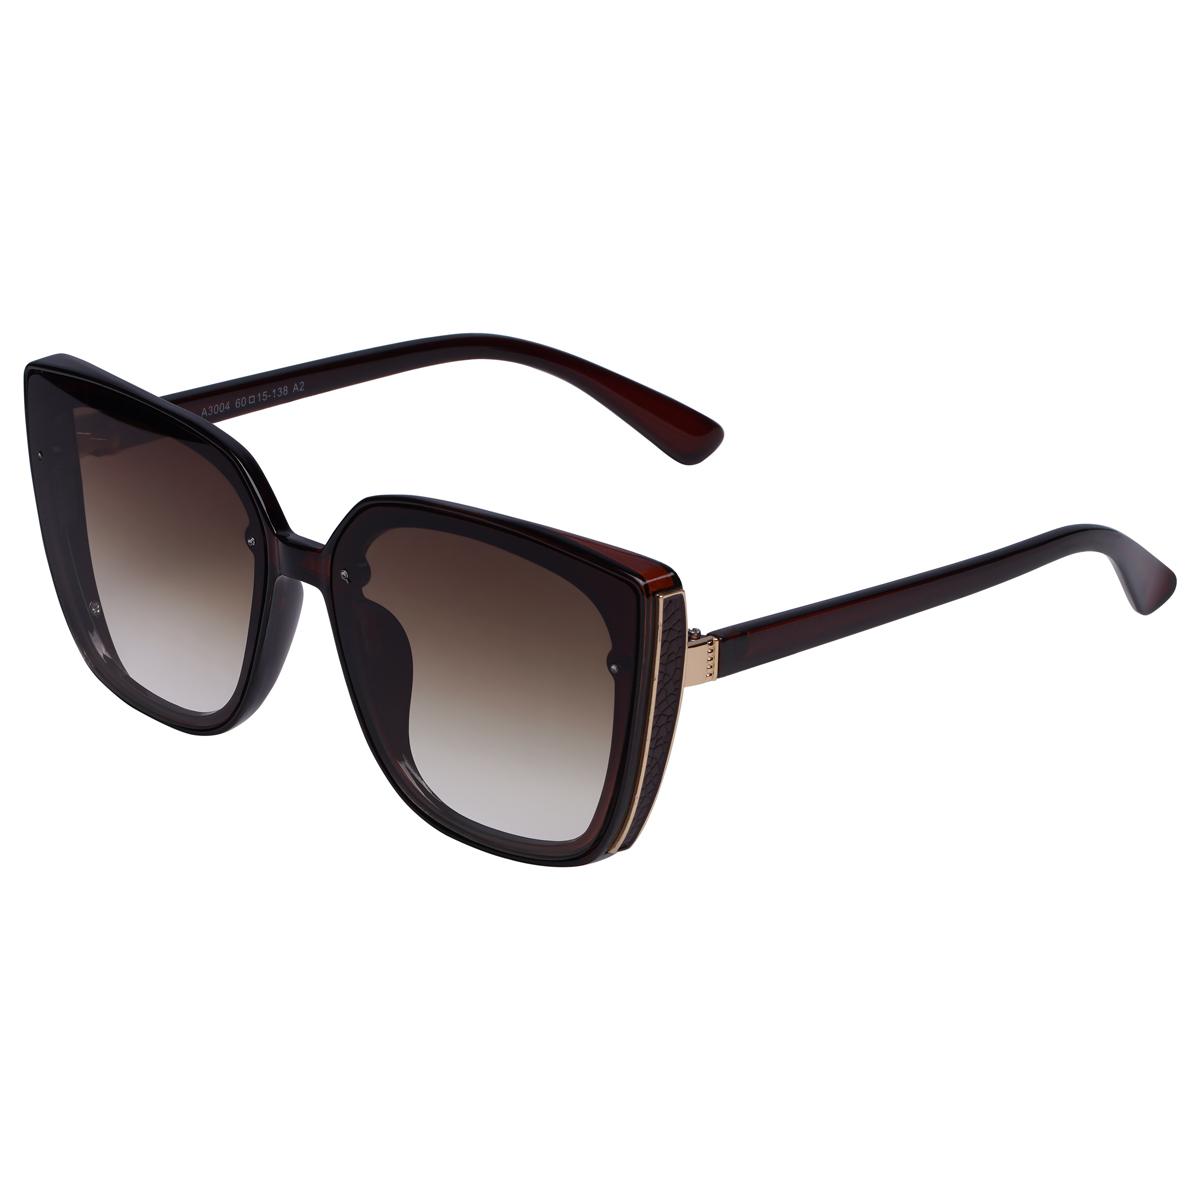 Gafas de sol marrones con montura grande y gafas de color oscuro